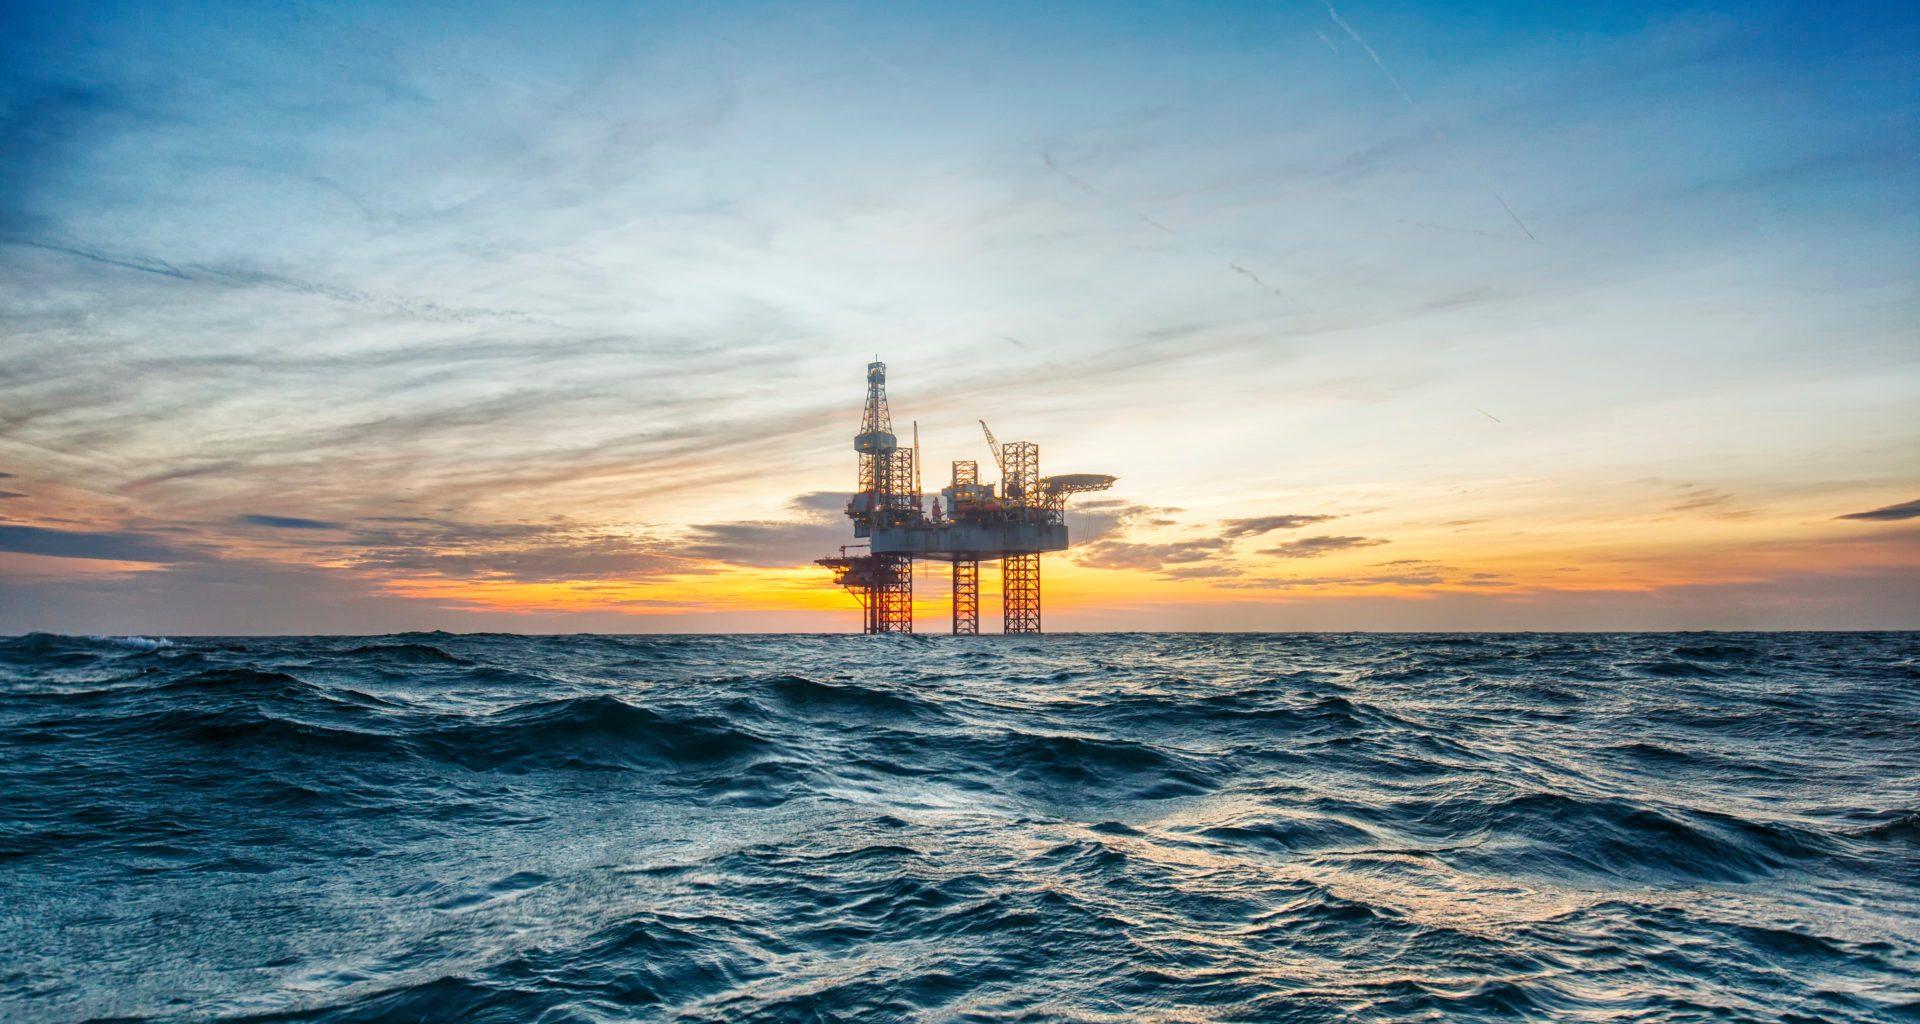 'Big energy' dominates lobbying of Scottish Government amid climate crisis 8